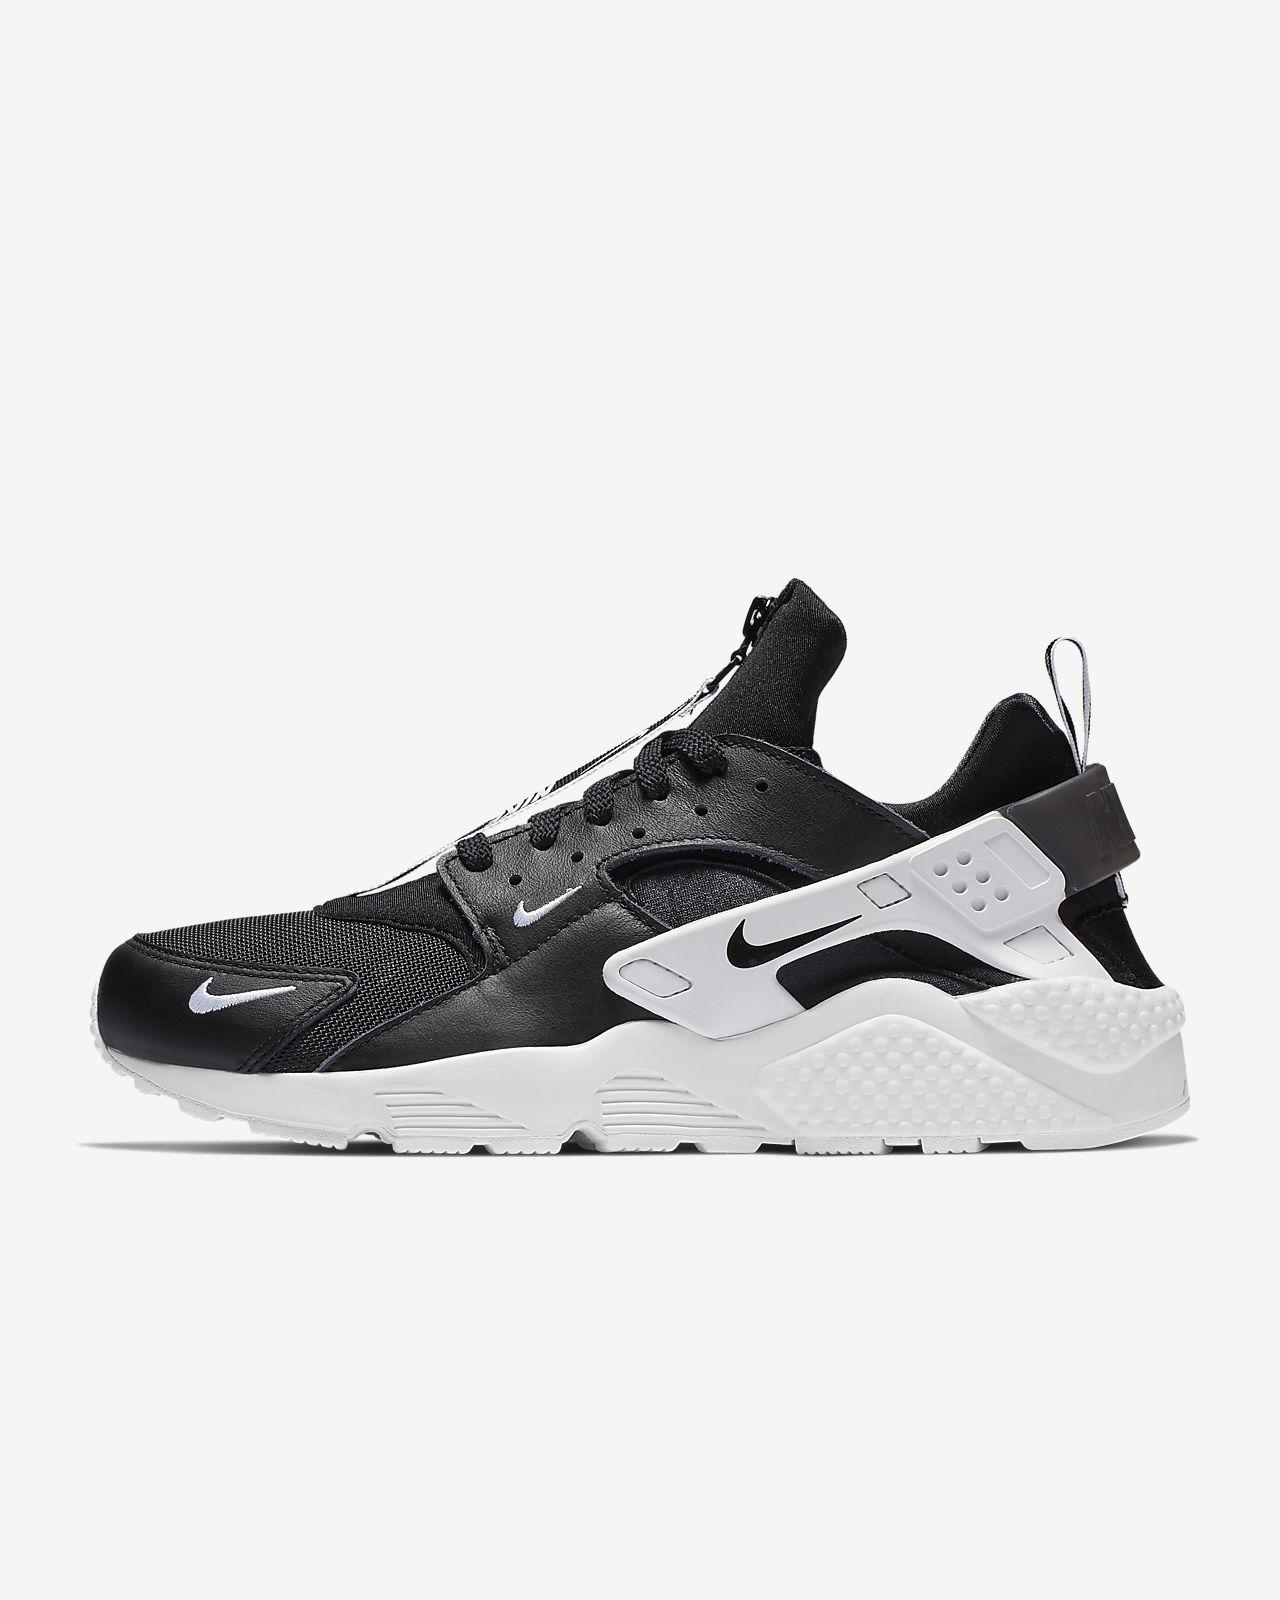 NikeAir Huarache Run PRM Zip男子运动鞋